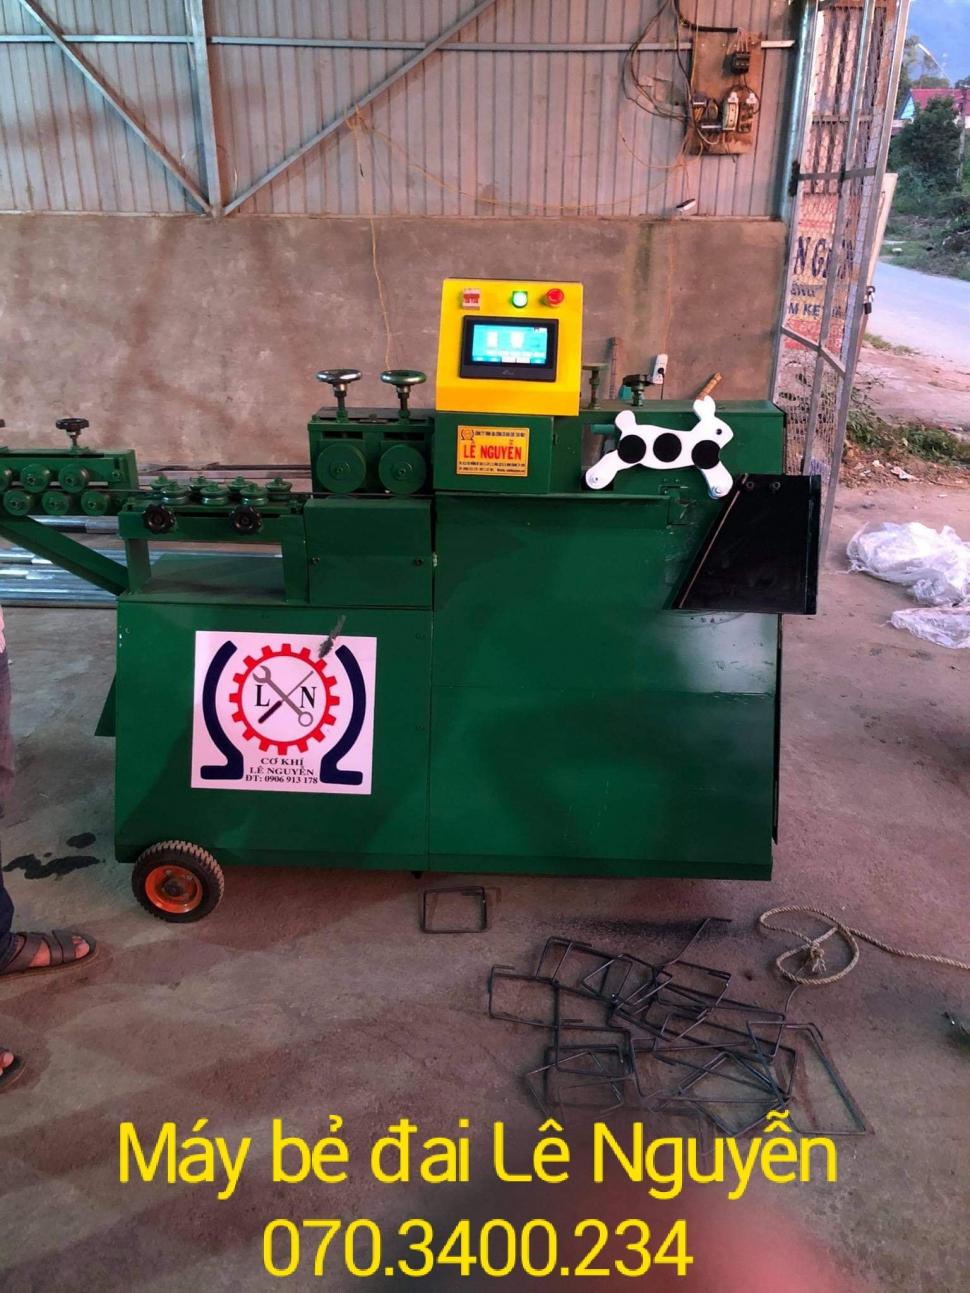 Máy bẻ đai sắt mini tại Lâm Đồng giá cực sốc